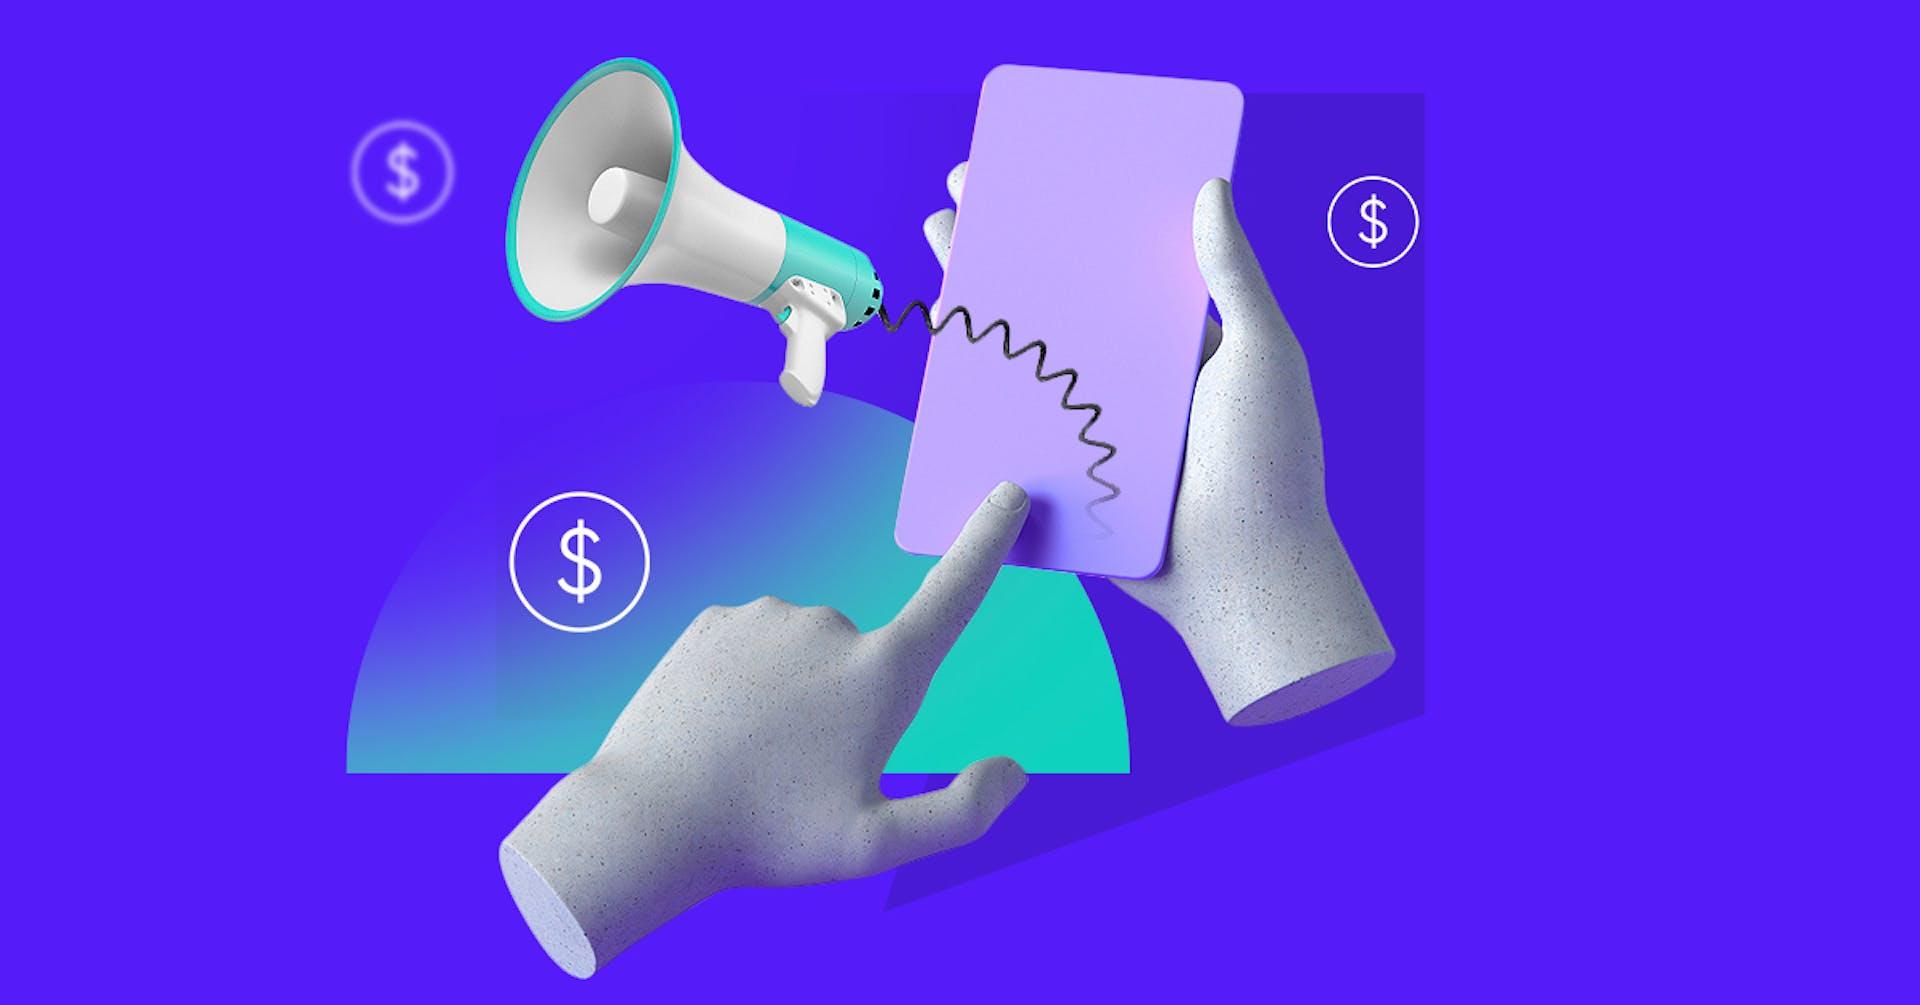 Aprende cómo hacer marketing de afiliados y empieza a ganar dinero mientras duermes